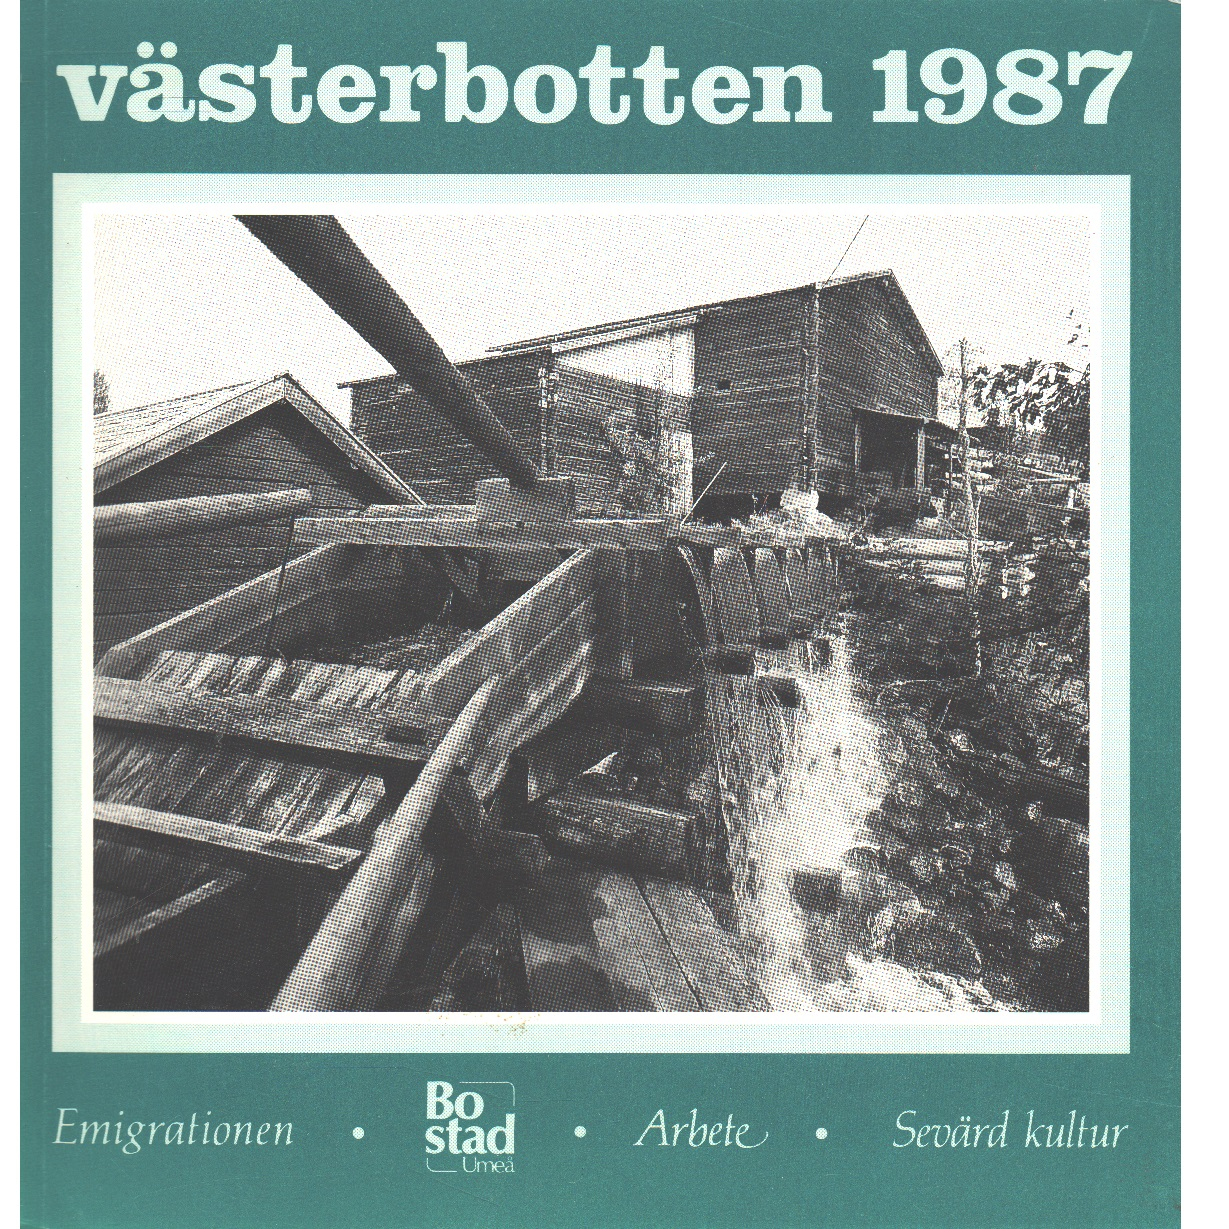 Västerbotten : Västerbottens läns hembygdsförenings årsbok 1987 - Red.